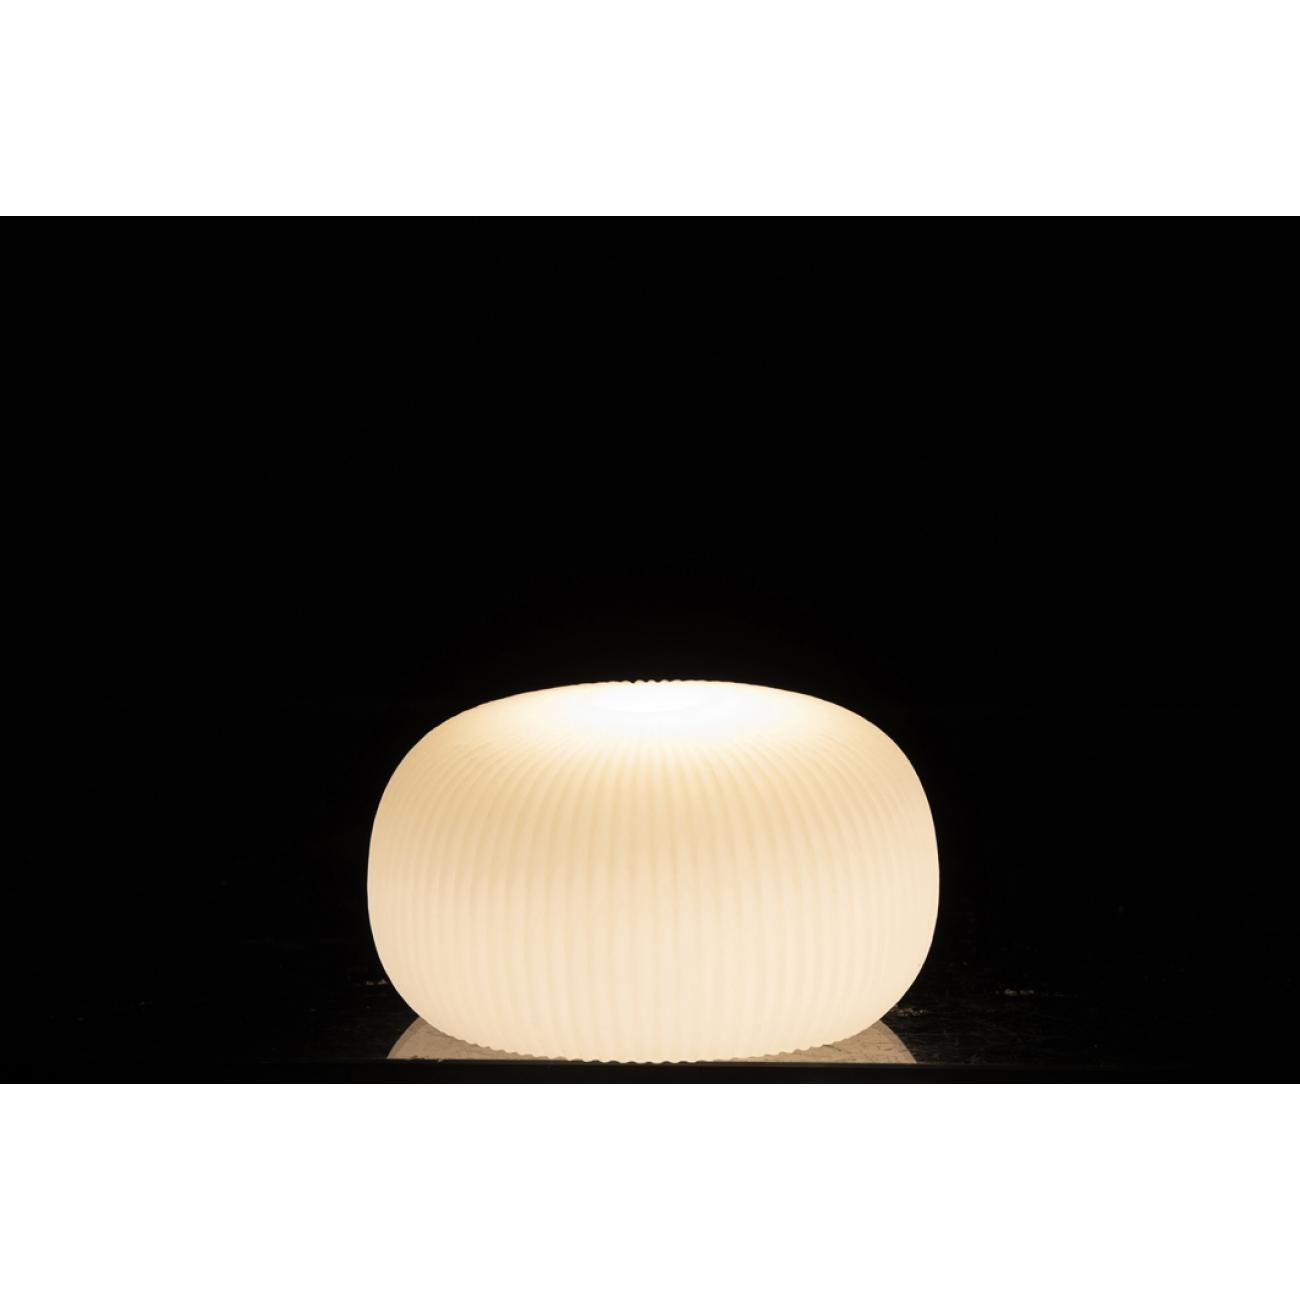 Ночник  J-LINE лед лампа  белая круглая  14 см